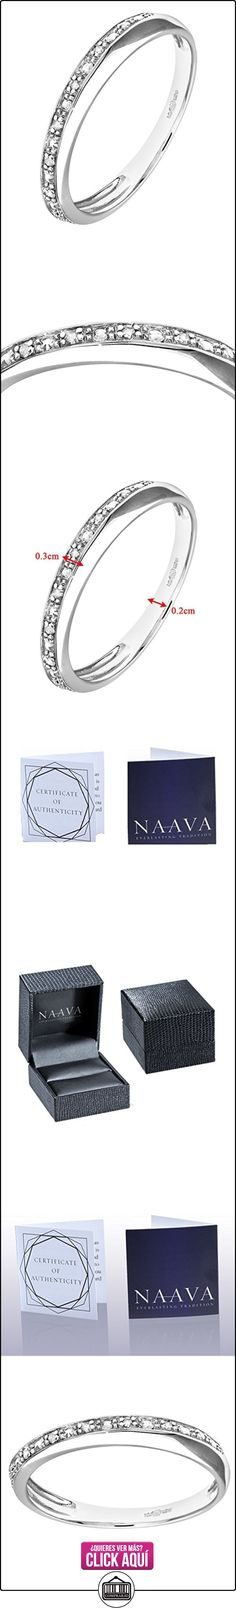 Bague - PR09832W-M - Anillo de mujer de oro blanco (9k) con 7 diamantes (talla: 13)  ✿ Joyas para mujer - Las mejores ofertas ✿ ▬► Ver oferta: https://comprar.io/goto/B005IA6TJS